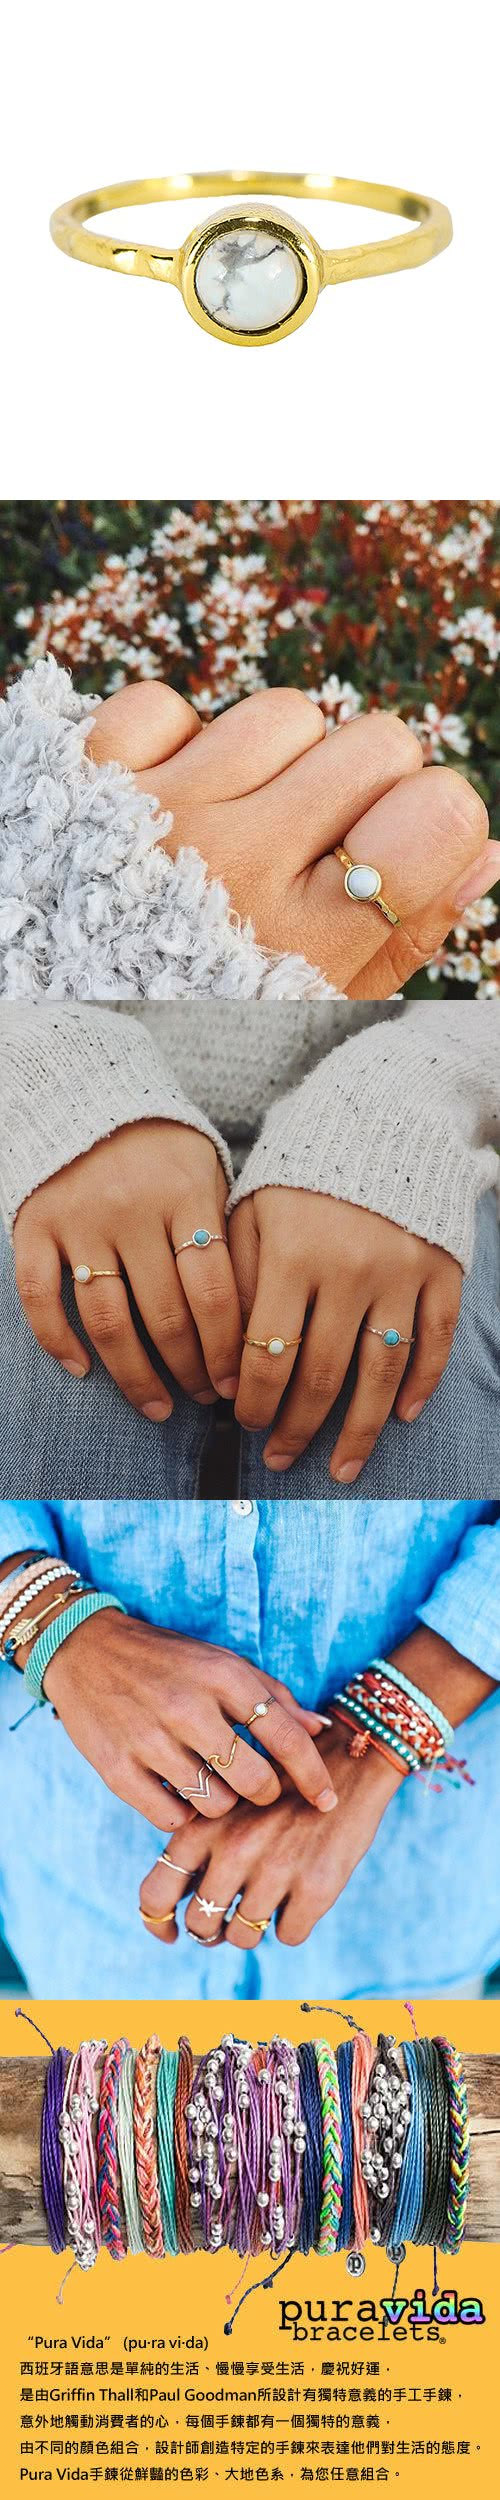 (複製)Pura Vida 美國手工 魅力棕櫚造型銀色戒指